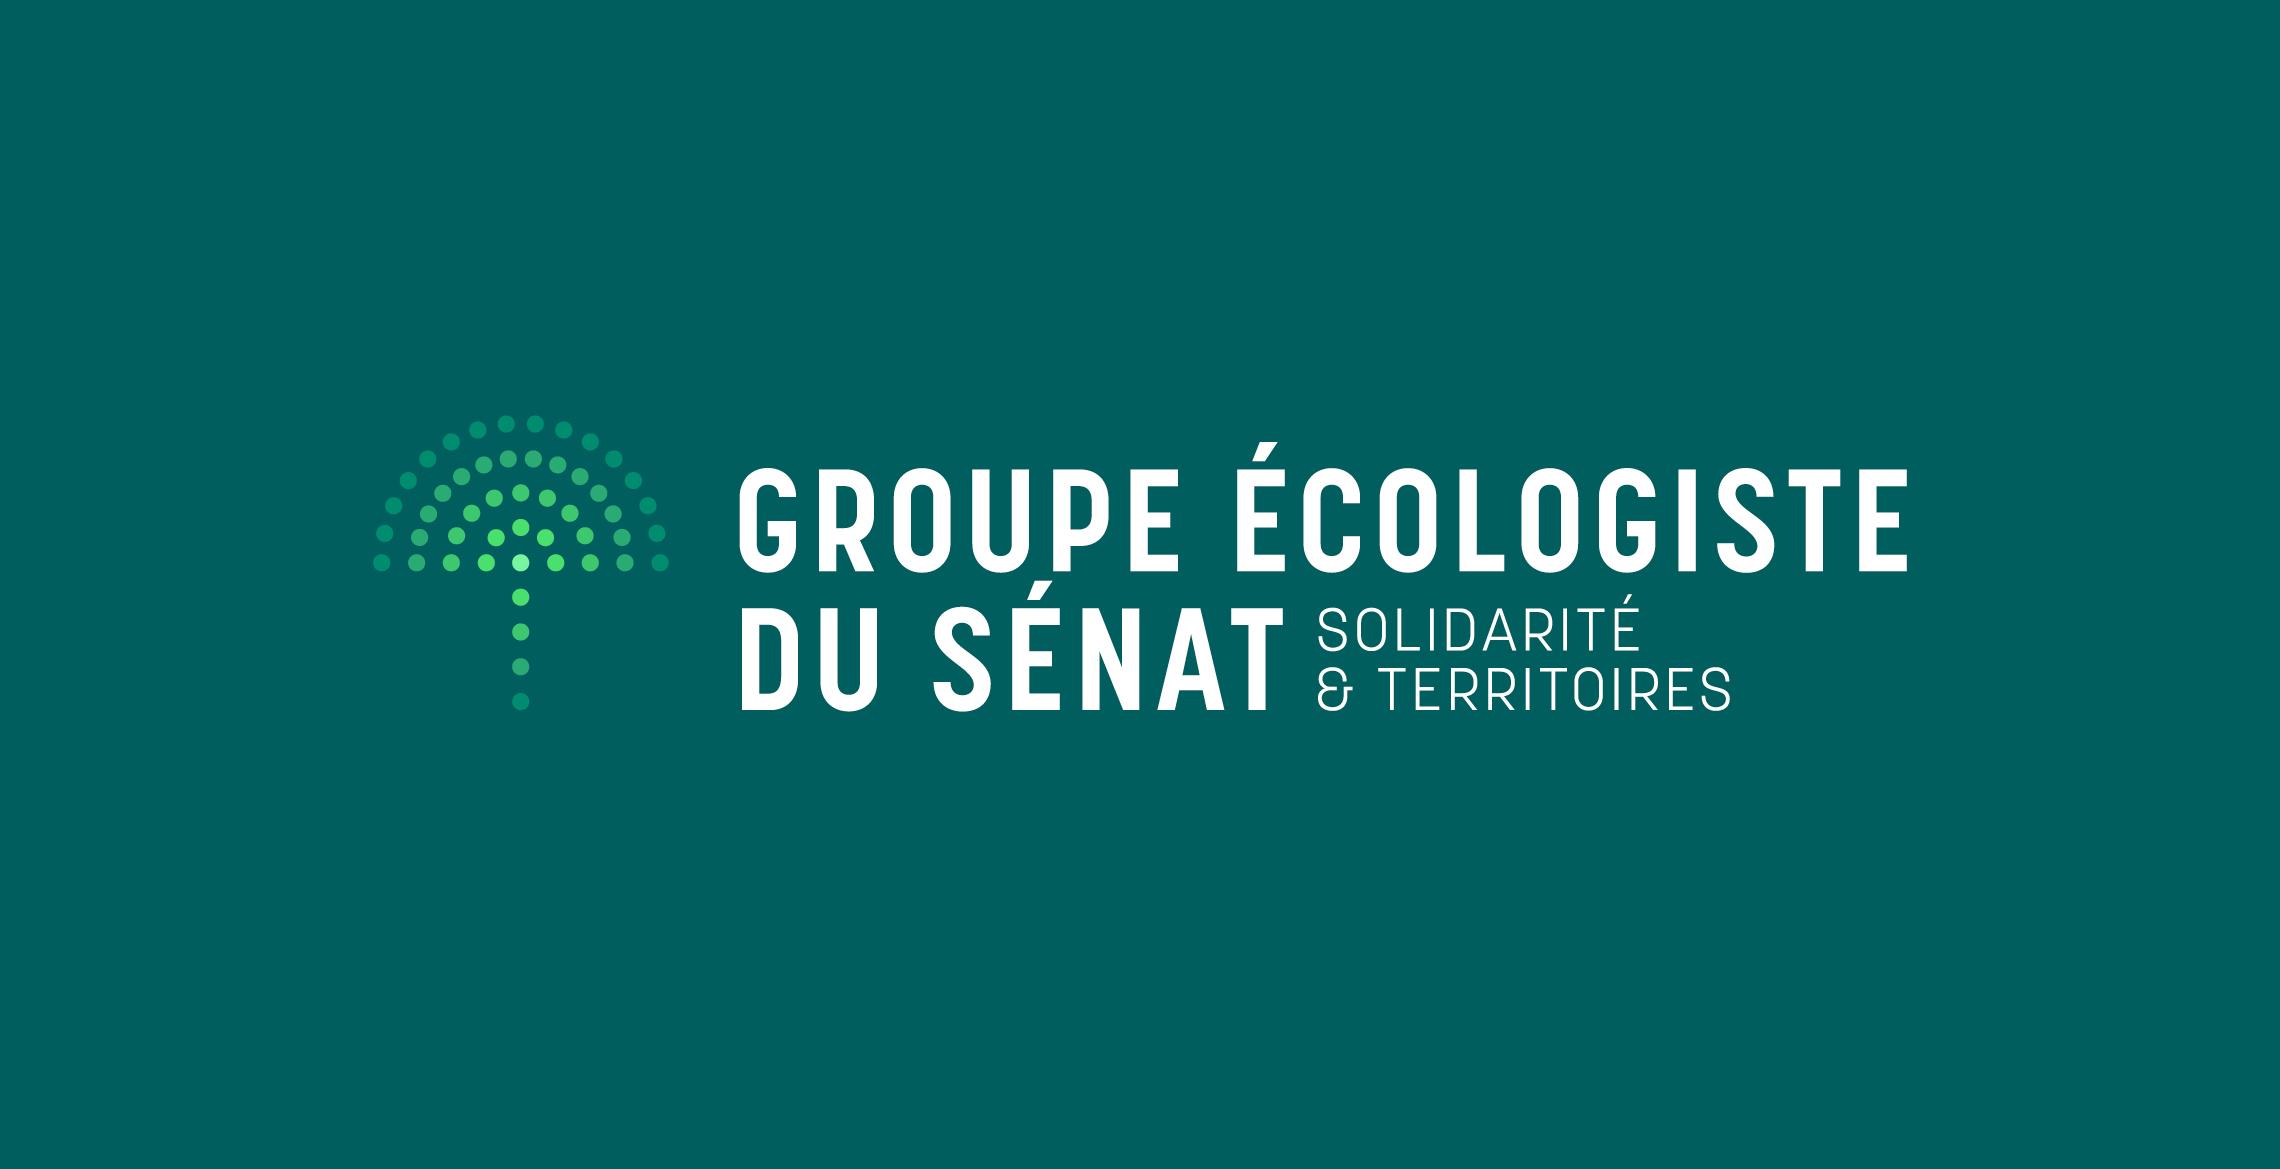 Groupe écologistes du Sénat